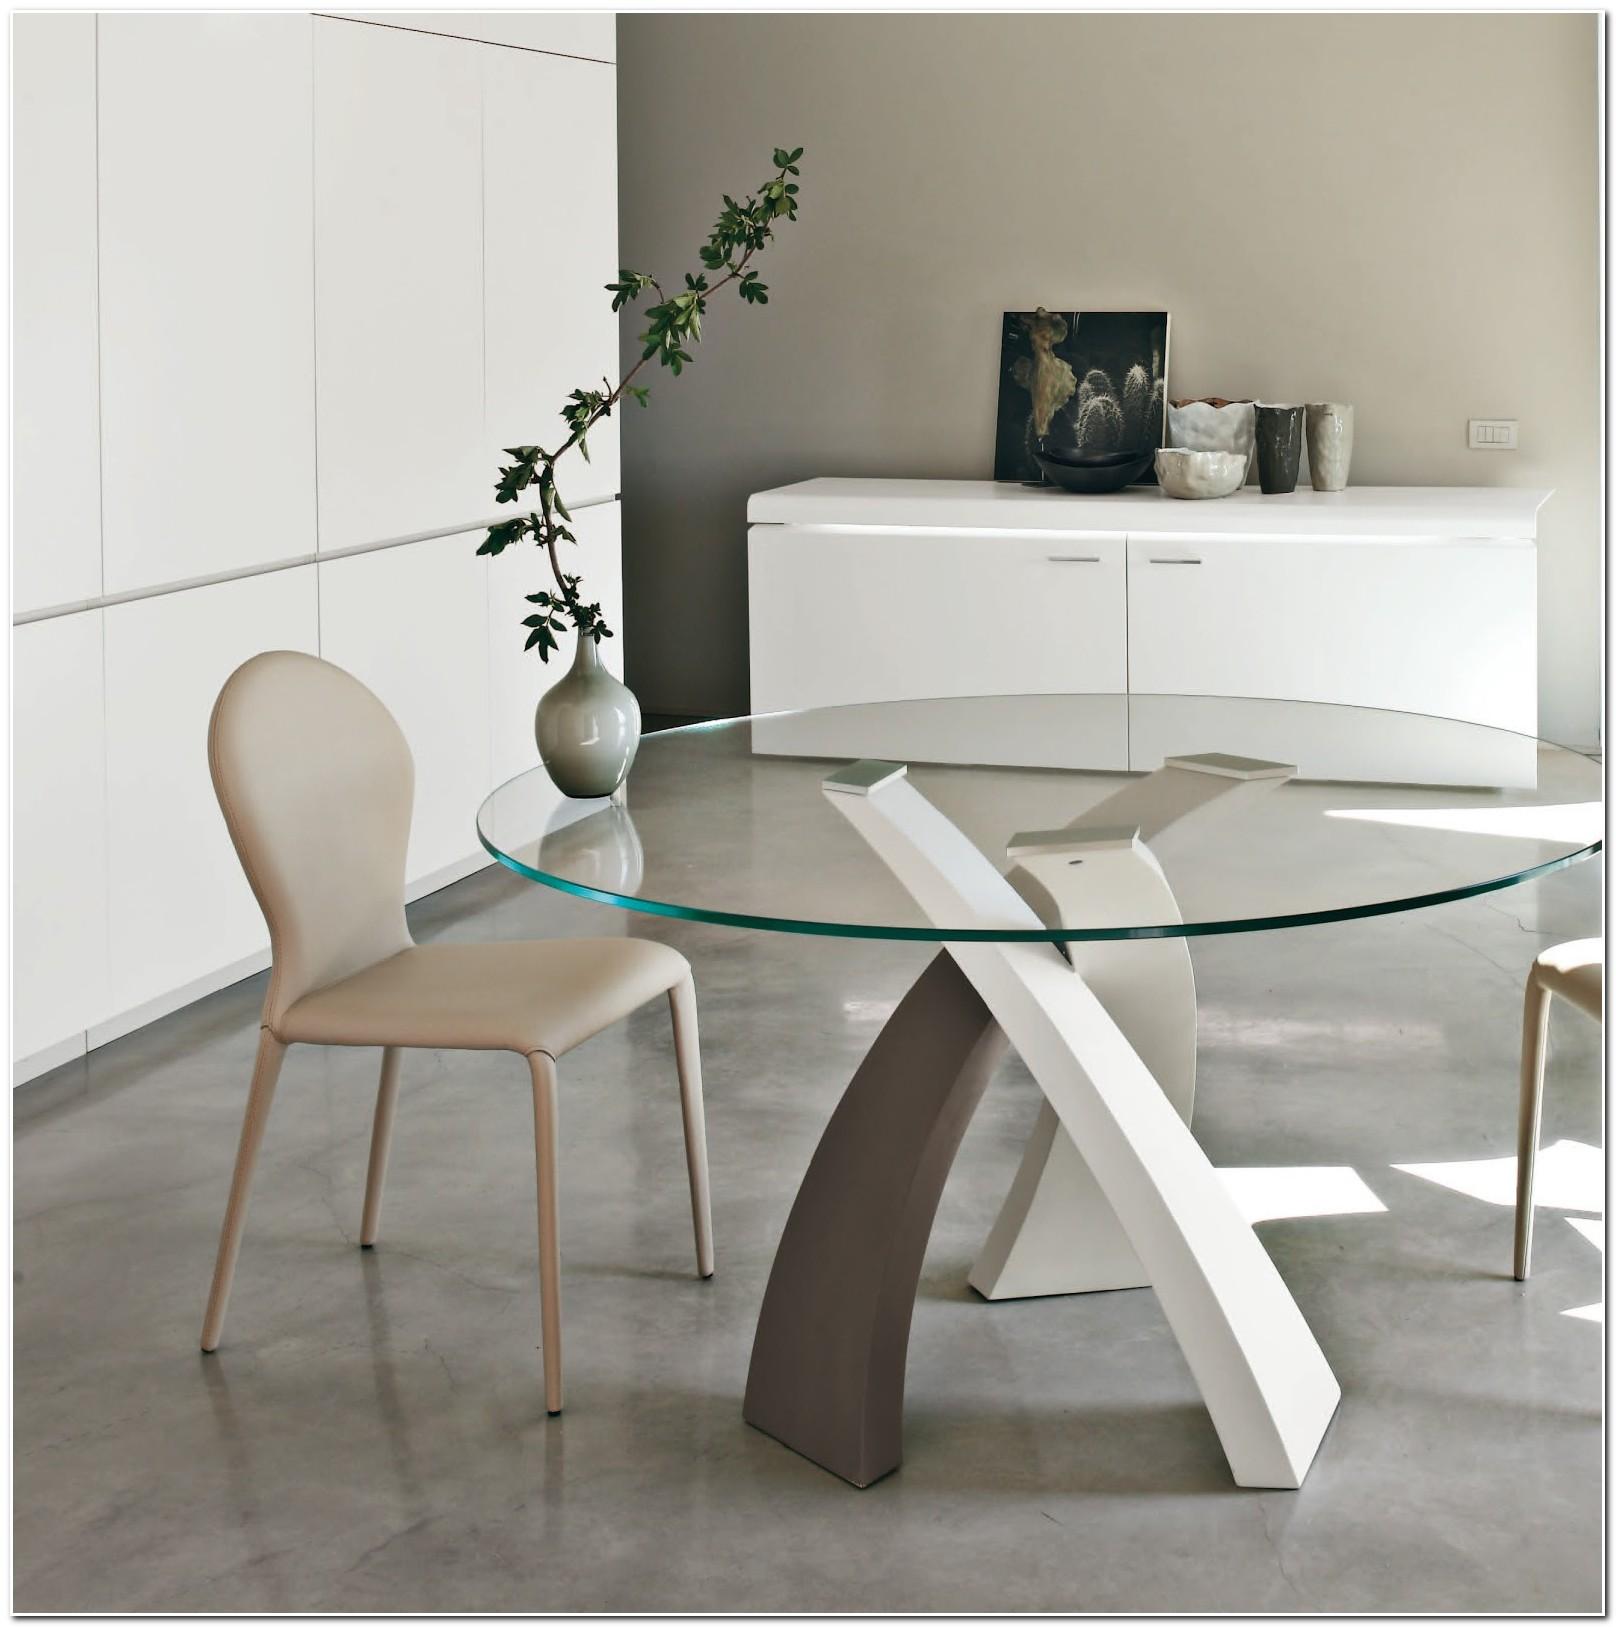 Table Salle A Manger Ronde En Verre Design